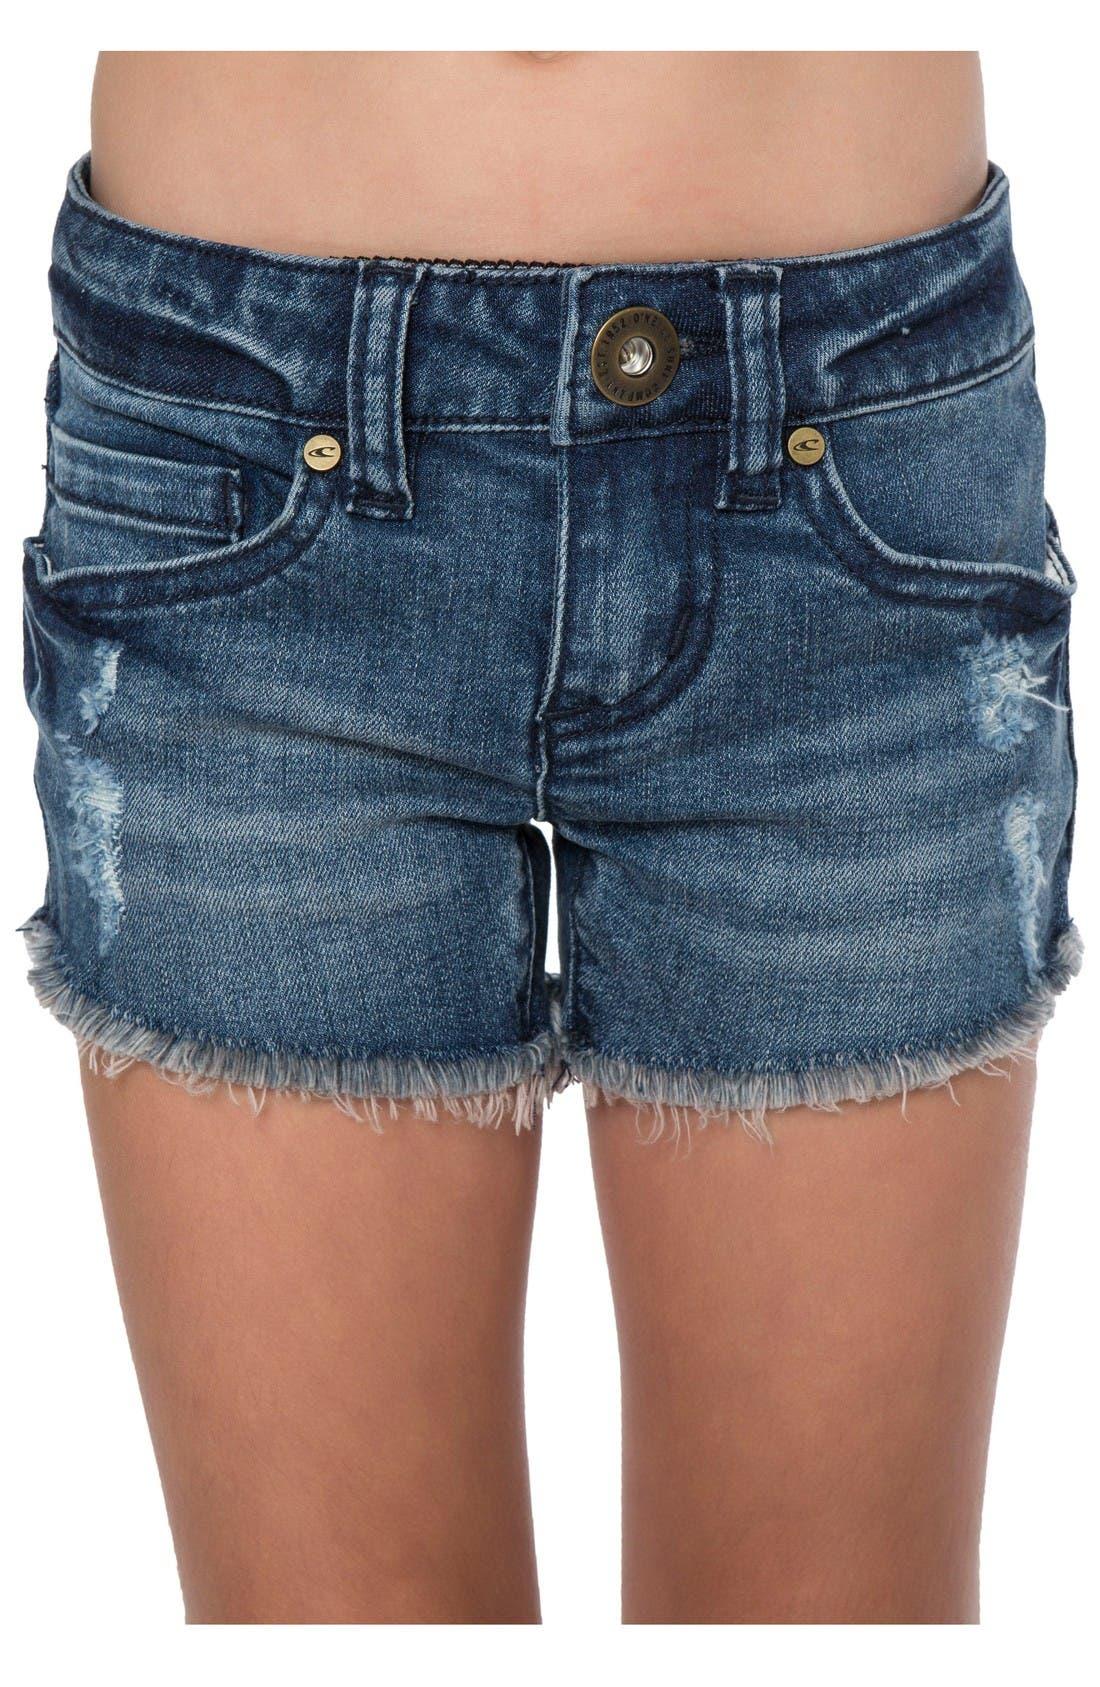 Compass Cutoff Shorts,                         Main,                         color, Mystic